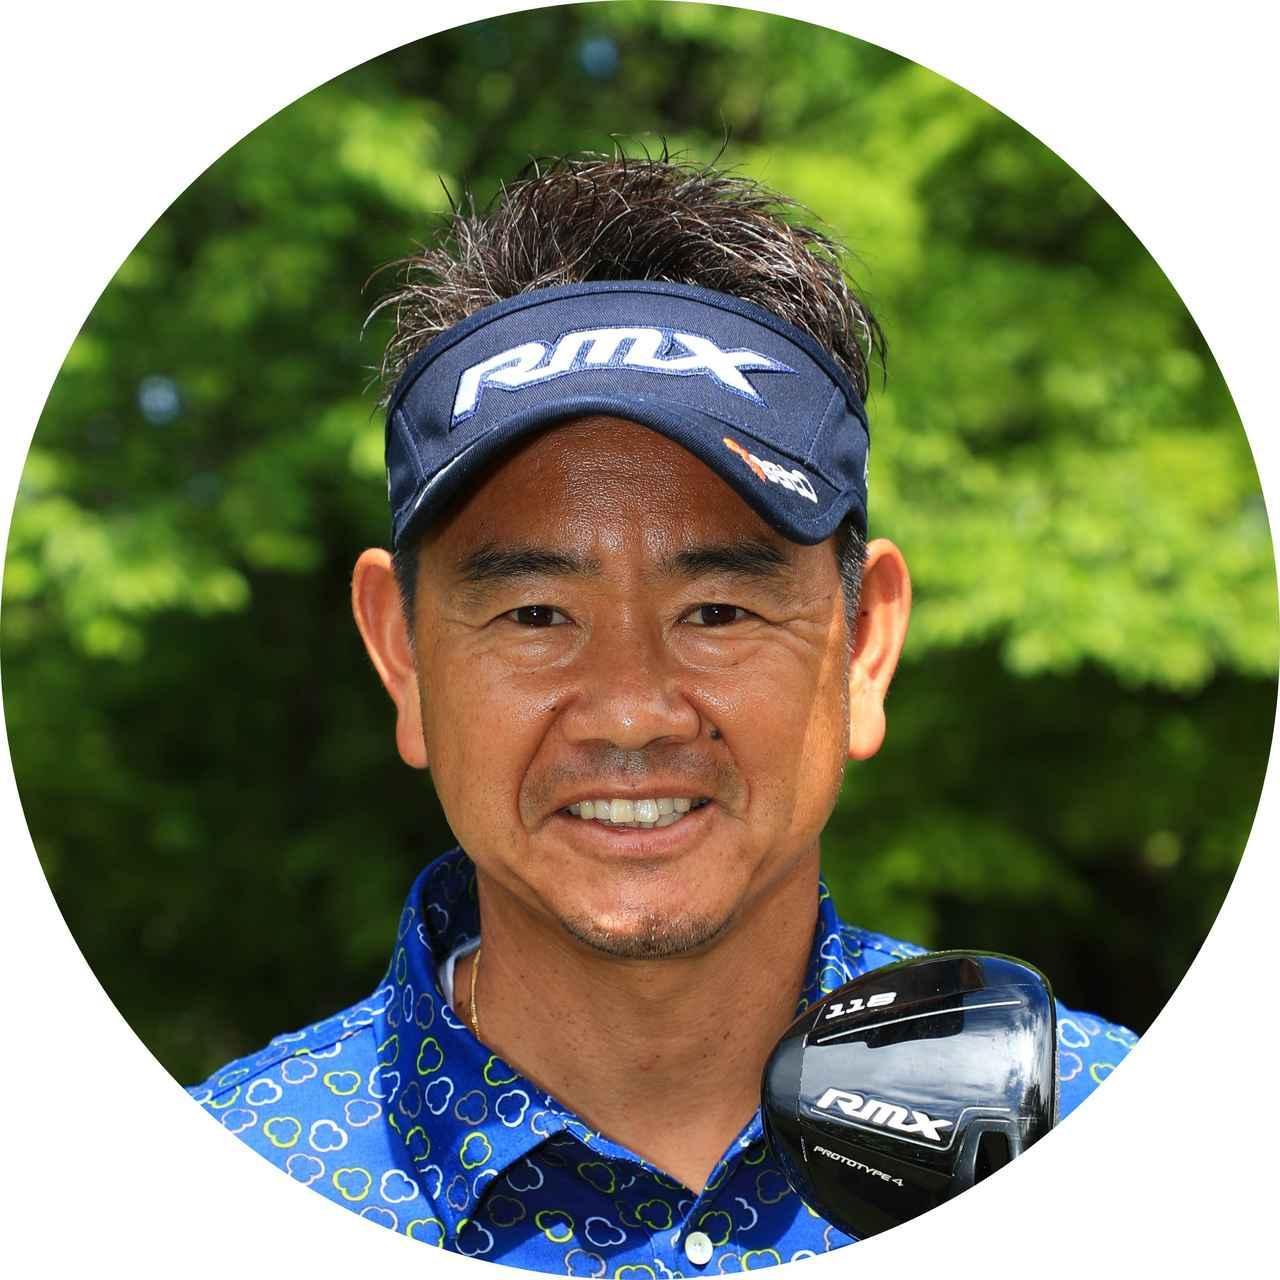 画像: 藤田寛之 芹澤信雄を師匠とするチーム芹澤のリーダー格。12年に賞金王。VISA太平洋マスターズは今年で22回目の出場を予定